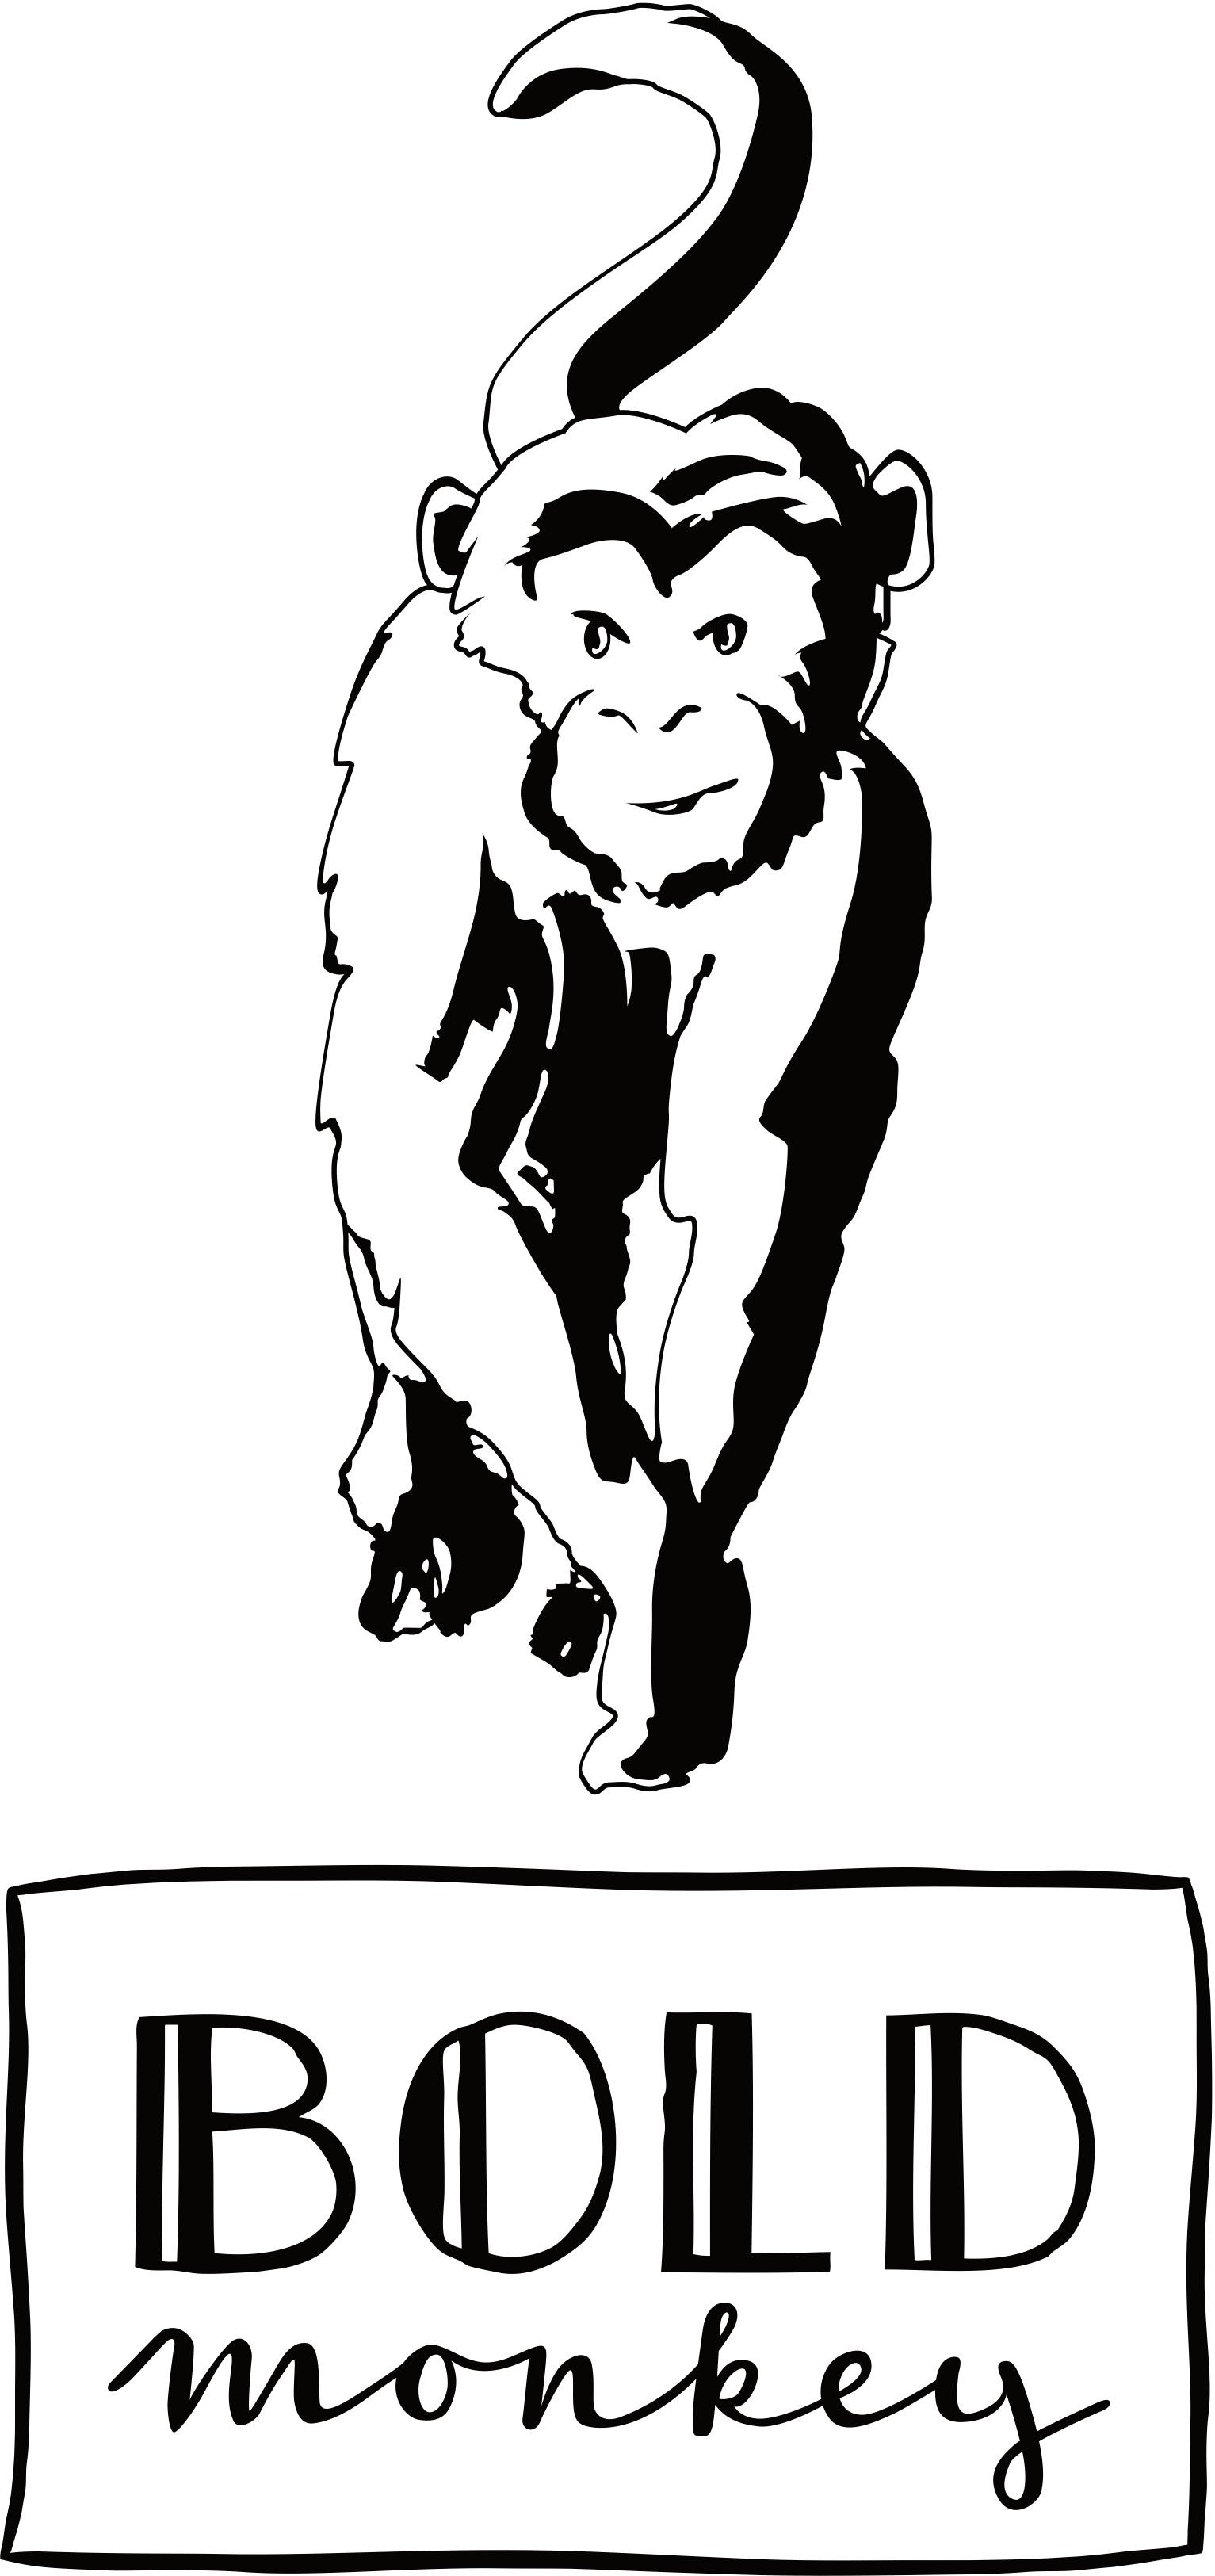 Bold Monkey sweet mesh hanglamp m goud